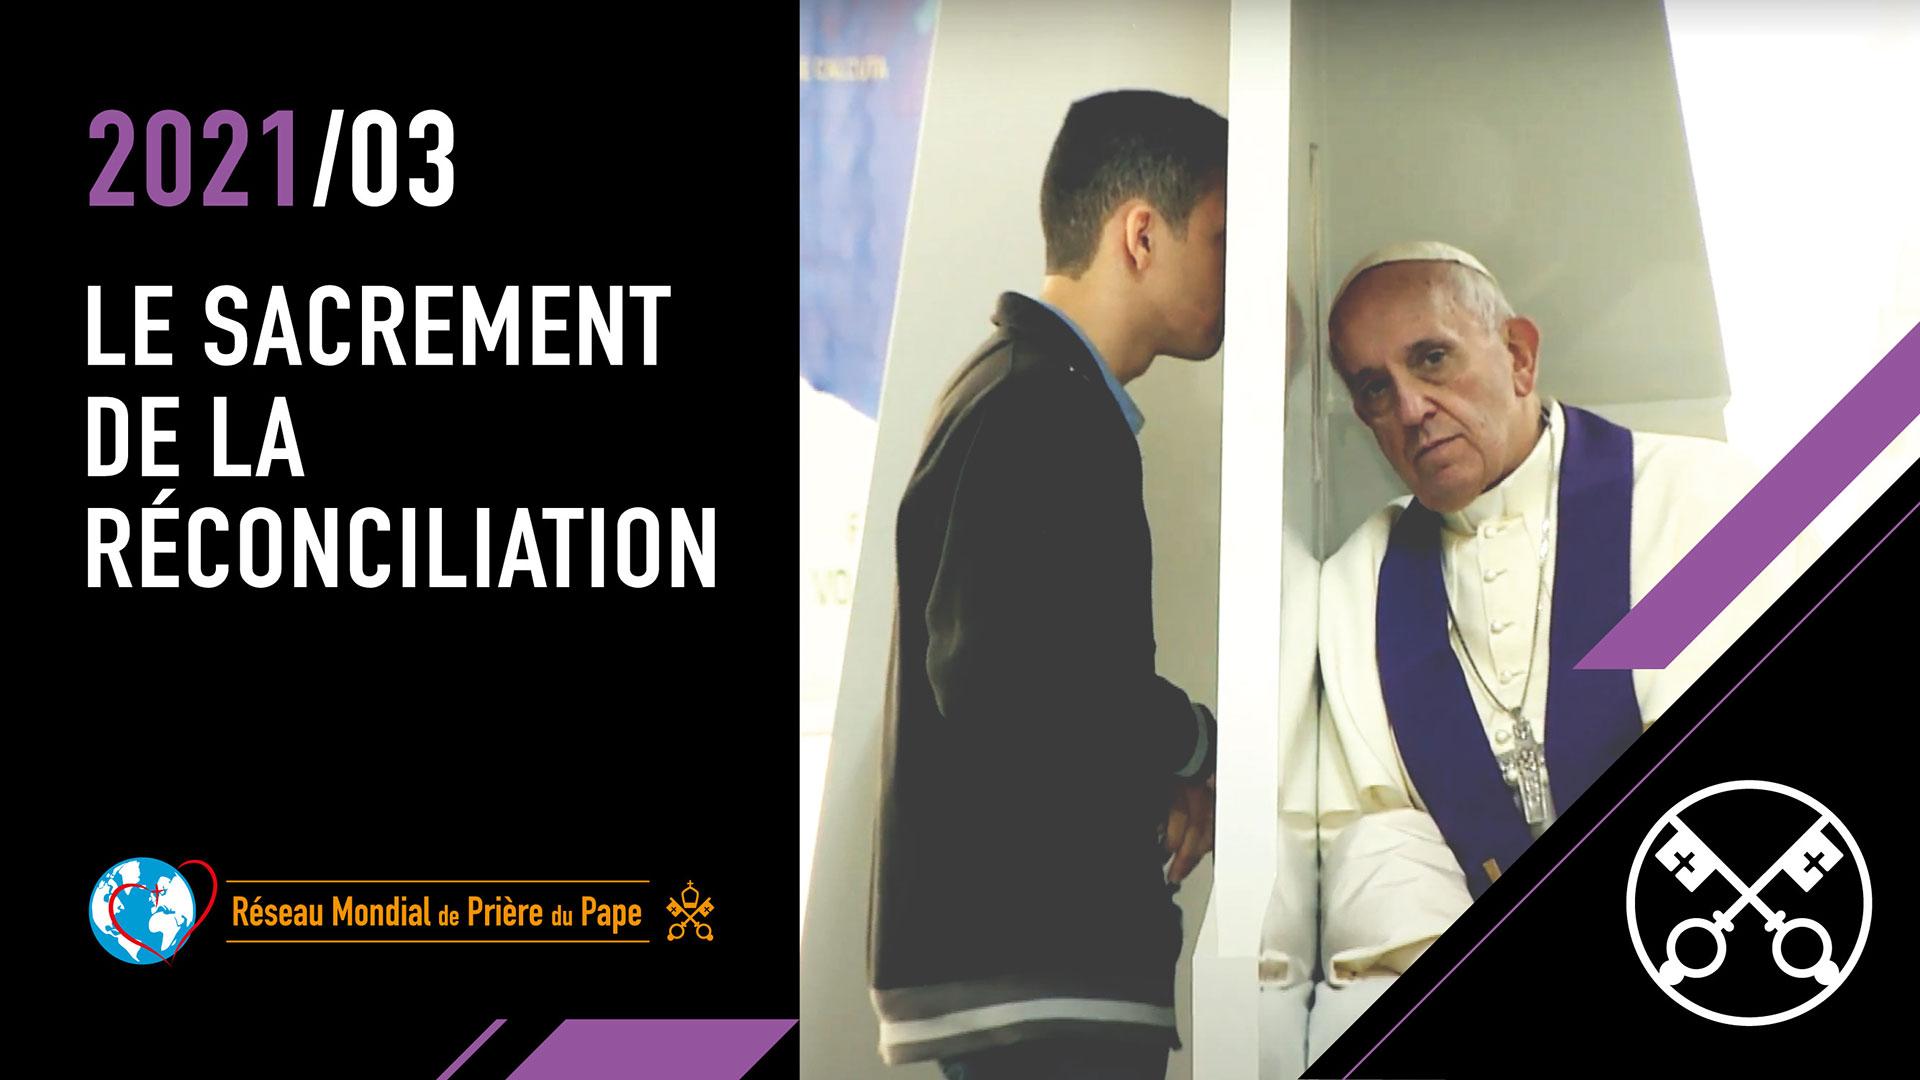 Le sacrement de la réconciliation – La Vidéo du Pape